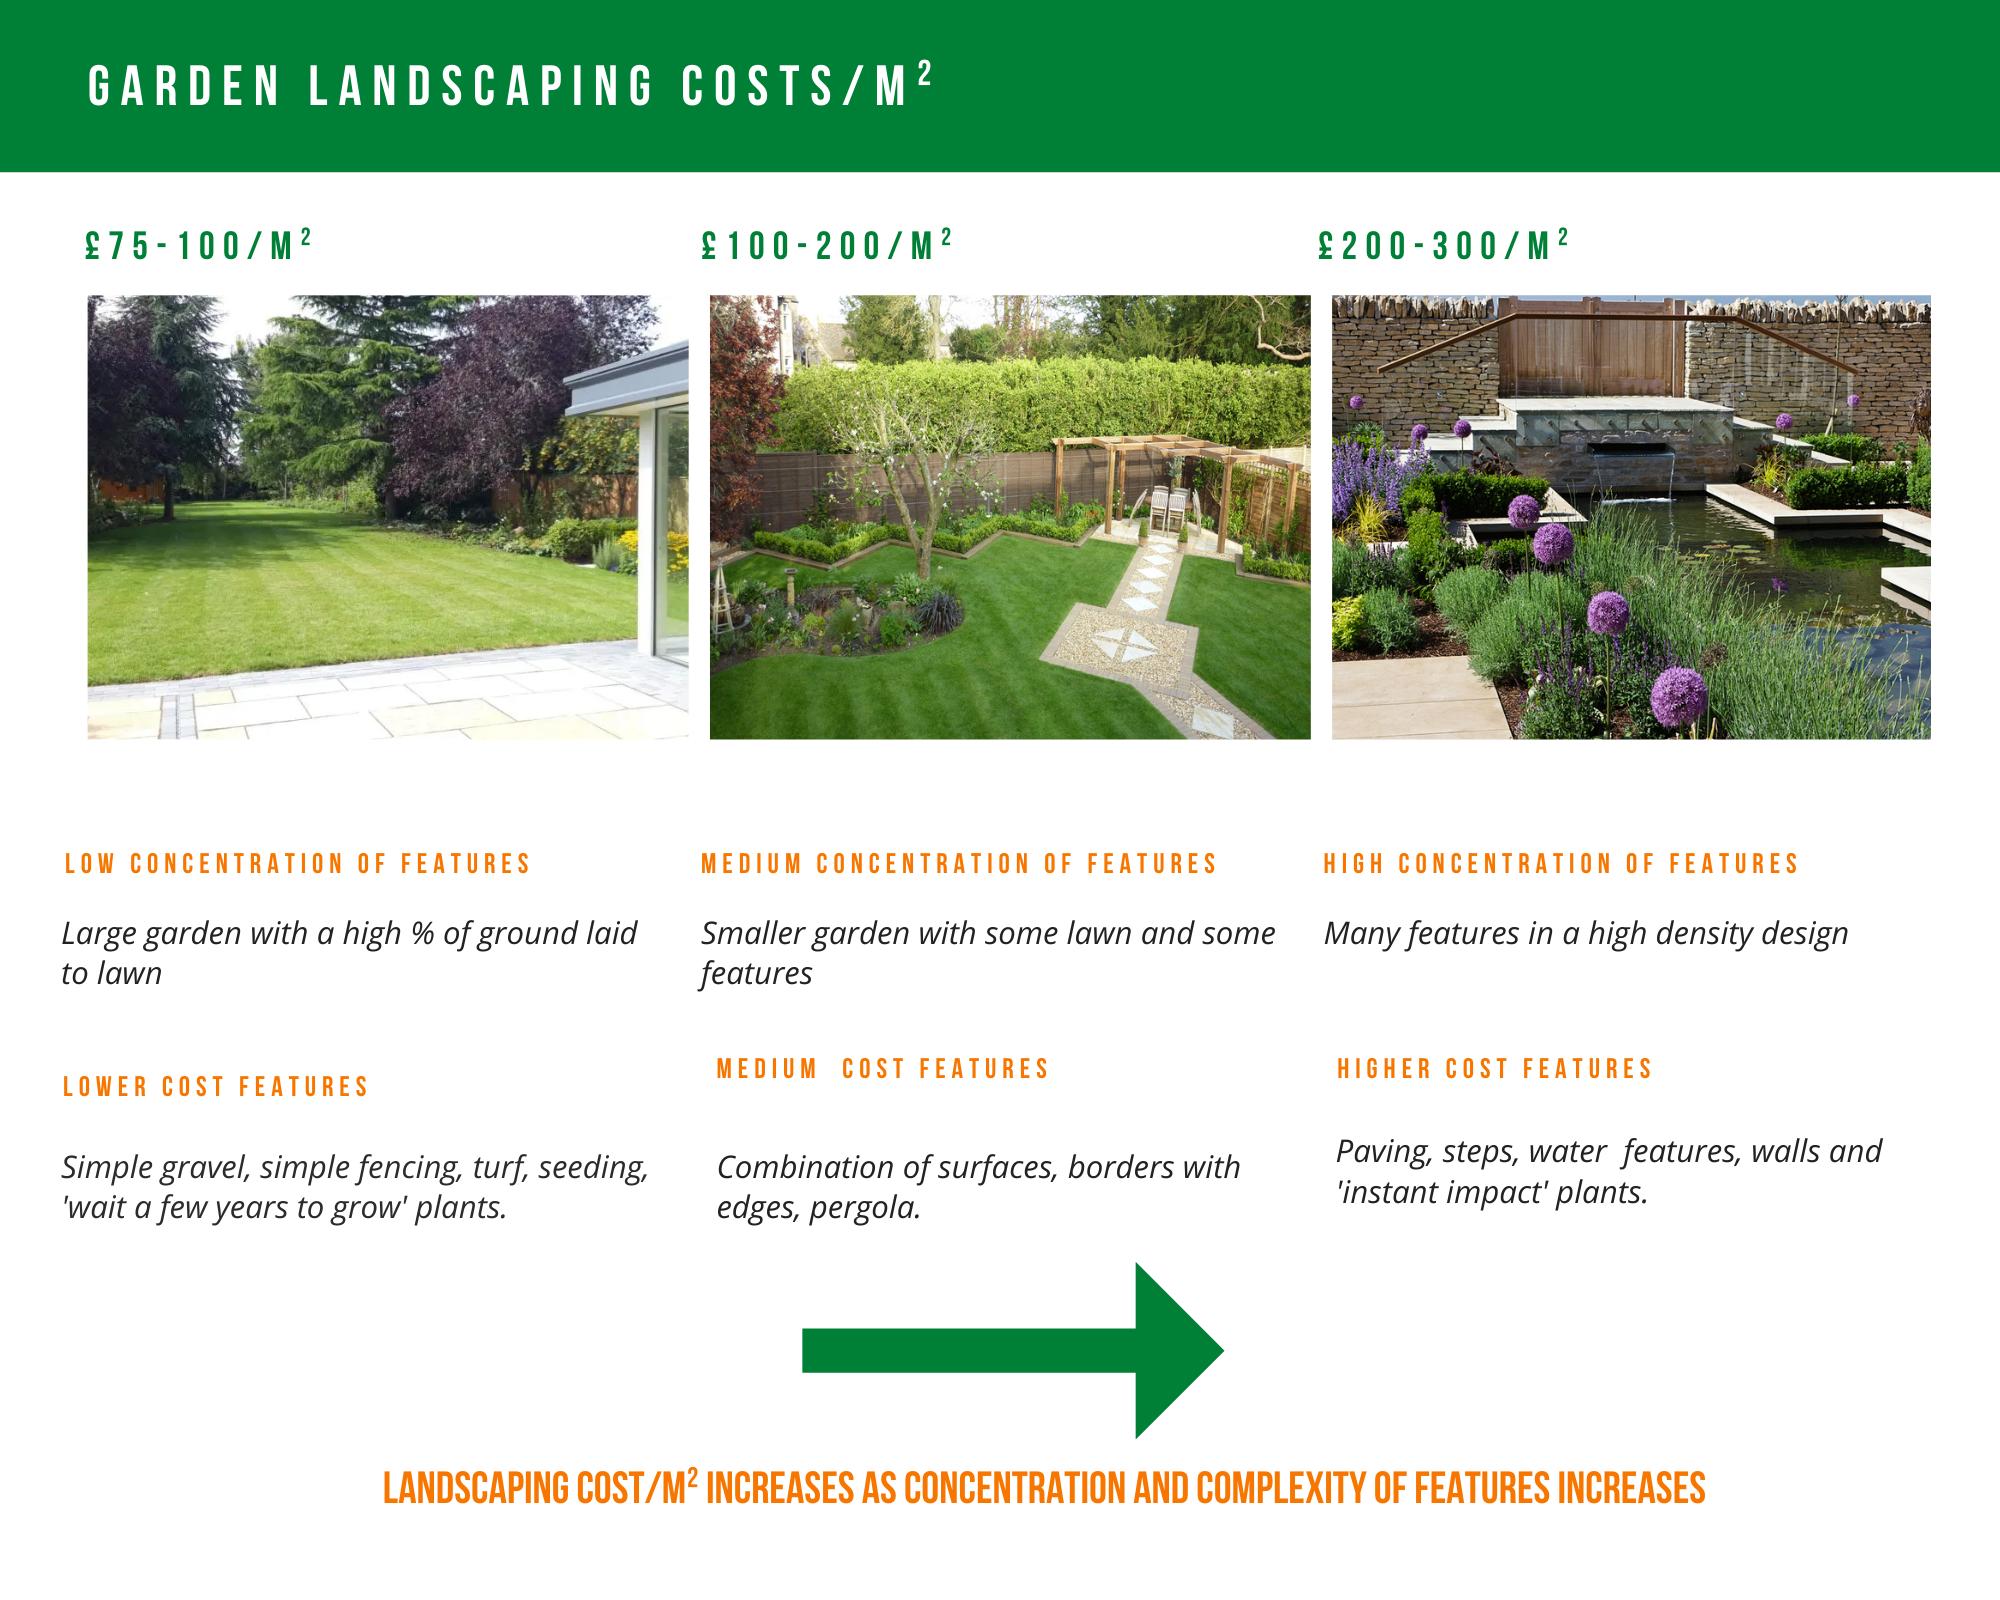 Garden landscape costs